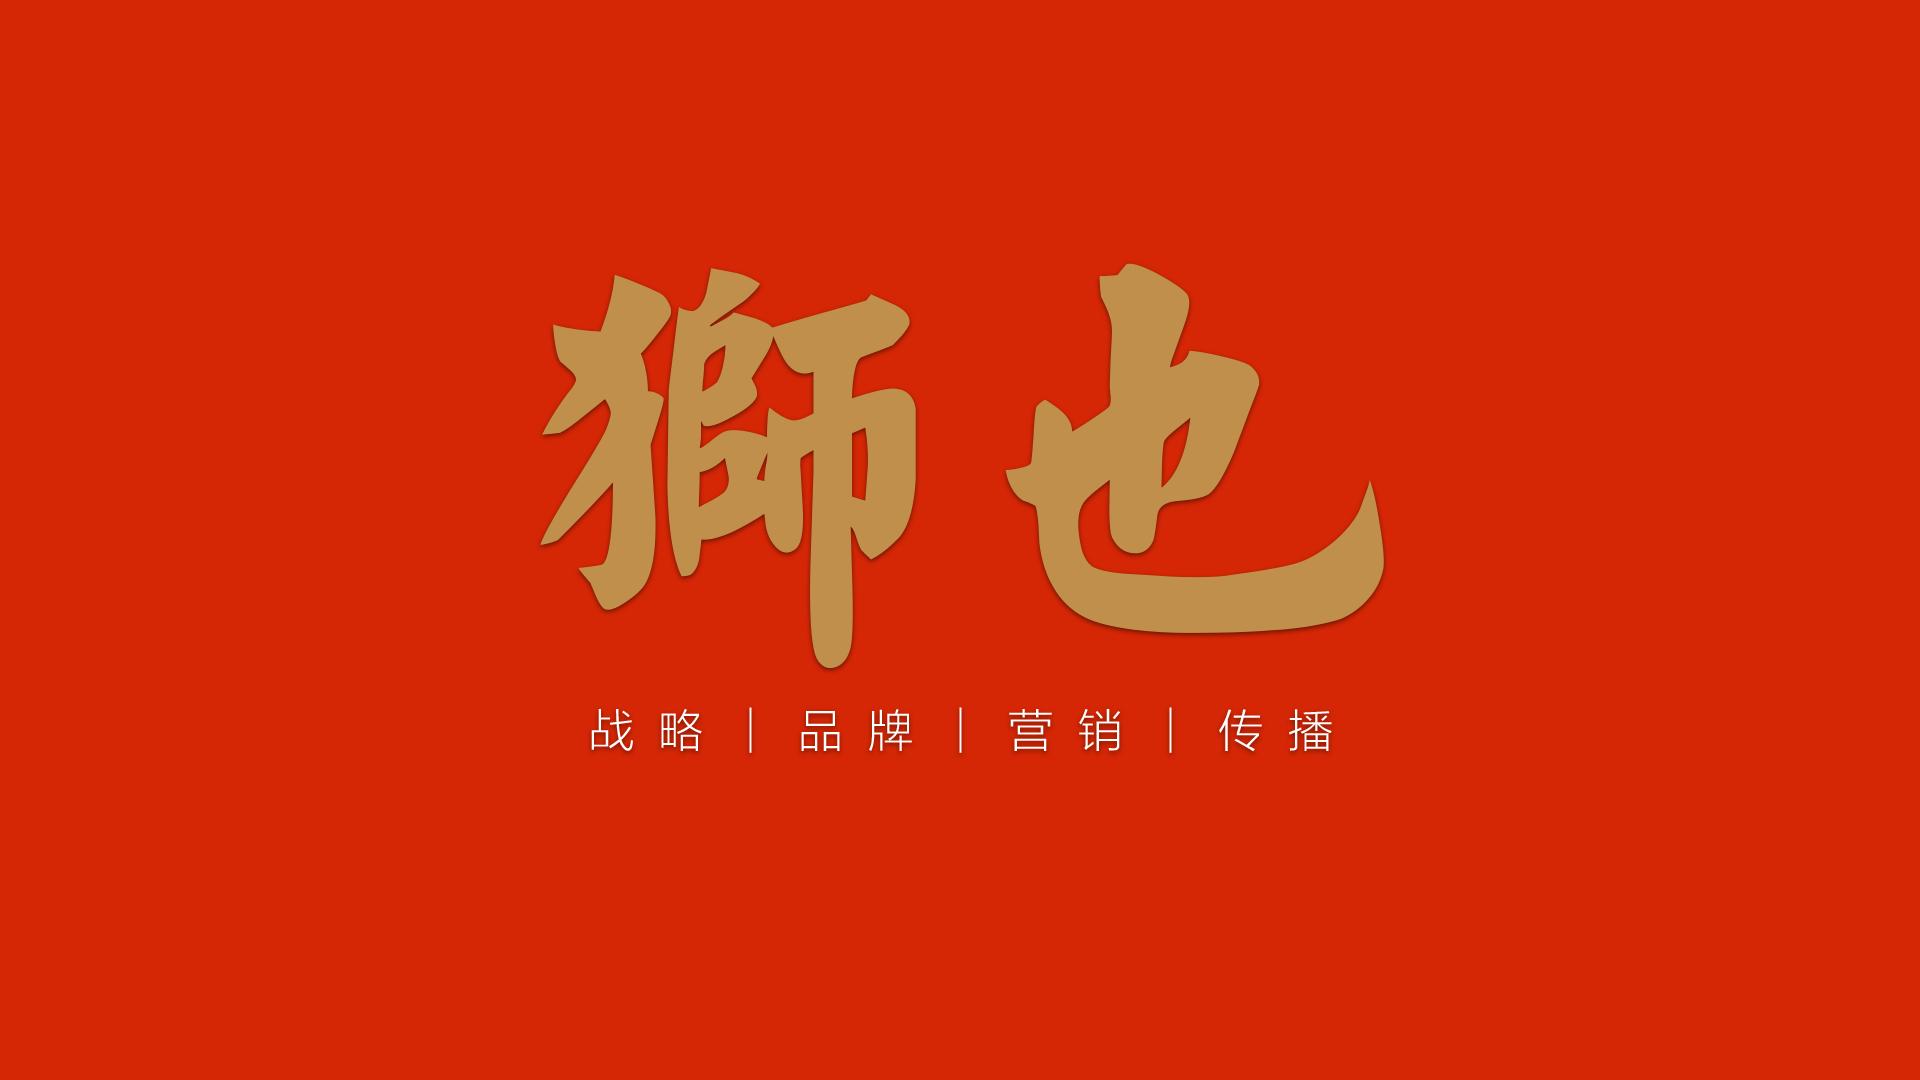 什么是市场营销组合—山东济南狮也战略品牌营销策划咨询顾问公司